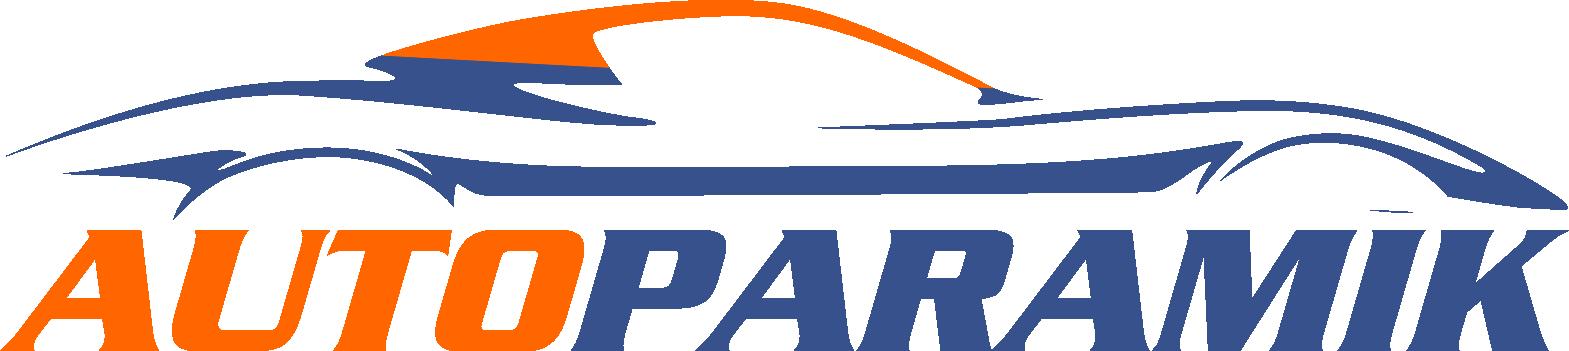 Parc autoturisme seond hand import si Rent-A-Car Miercurea Ciuc Harghita